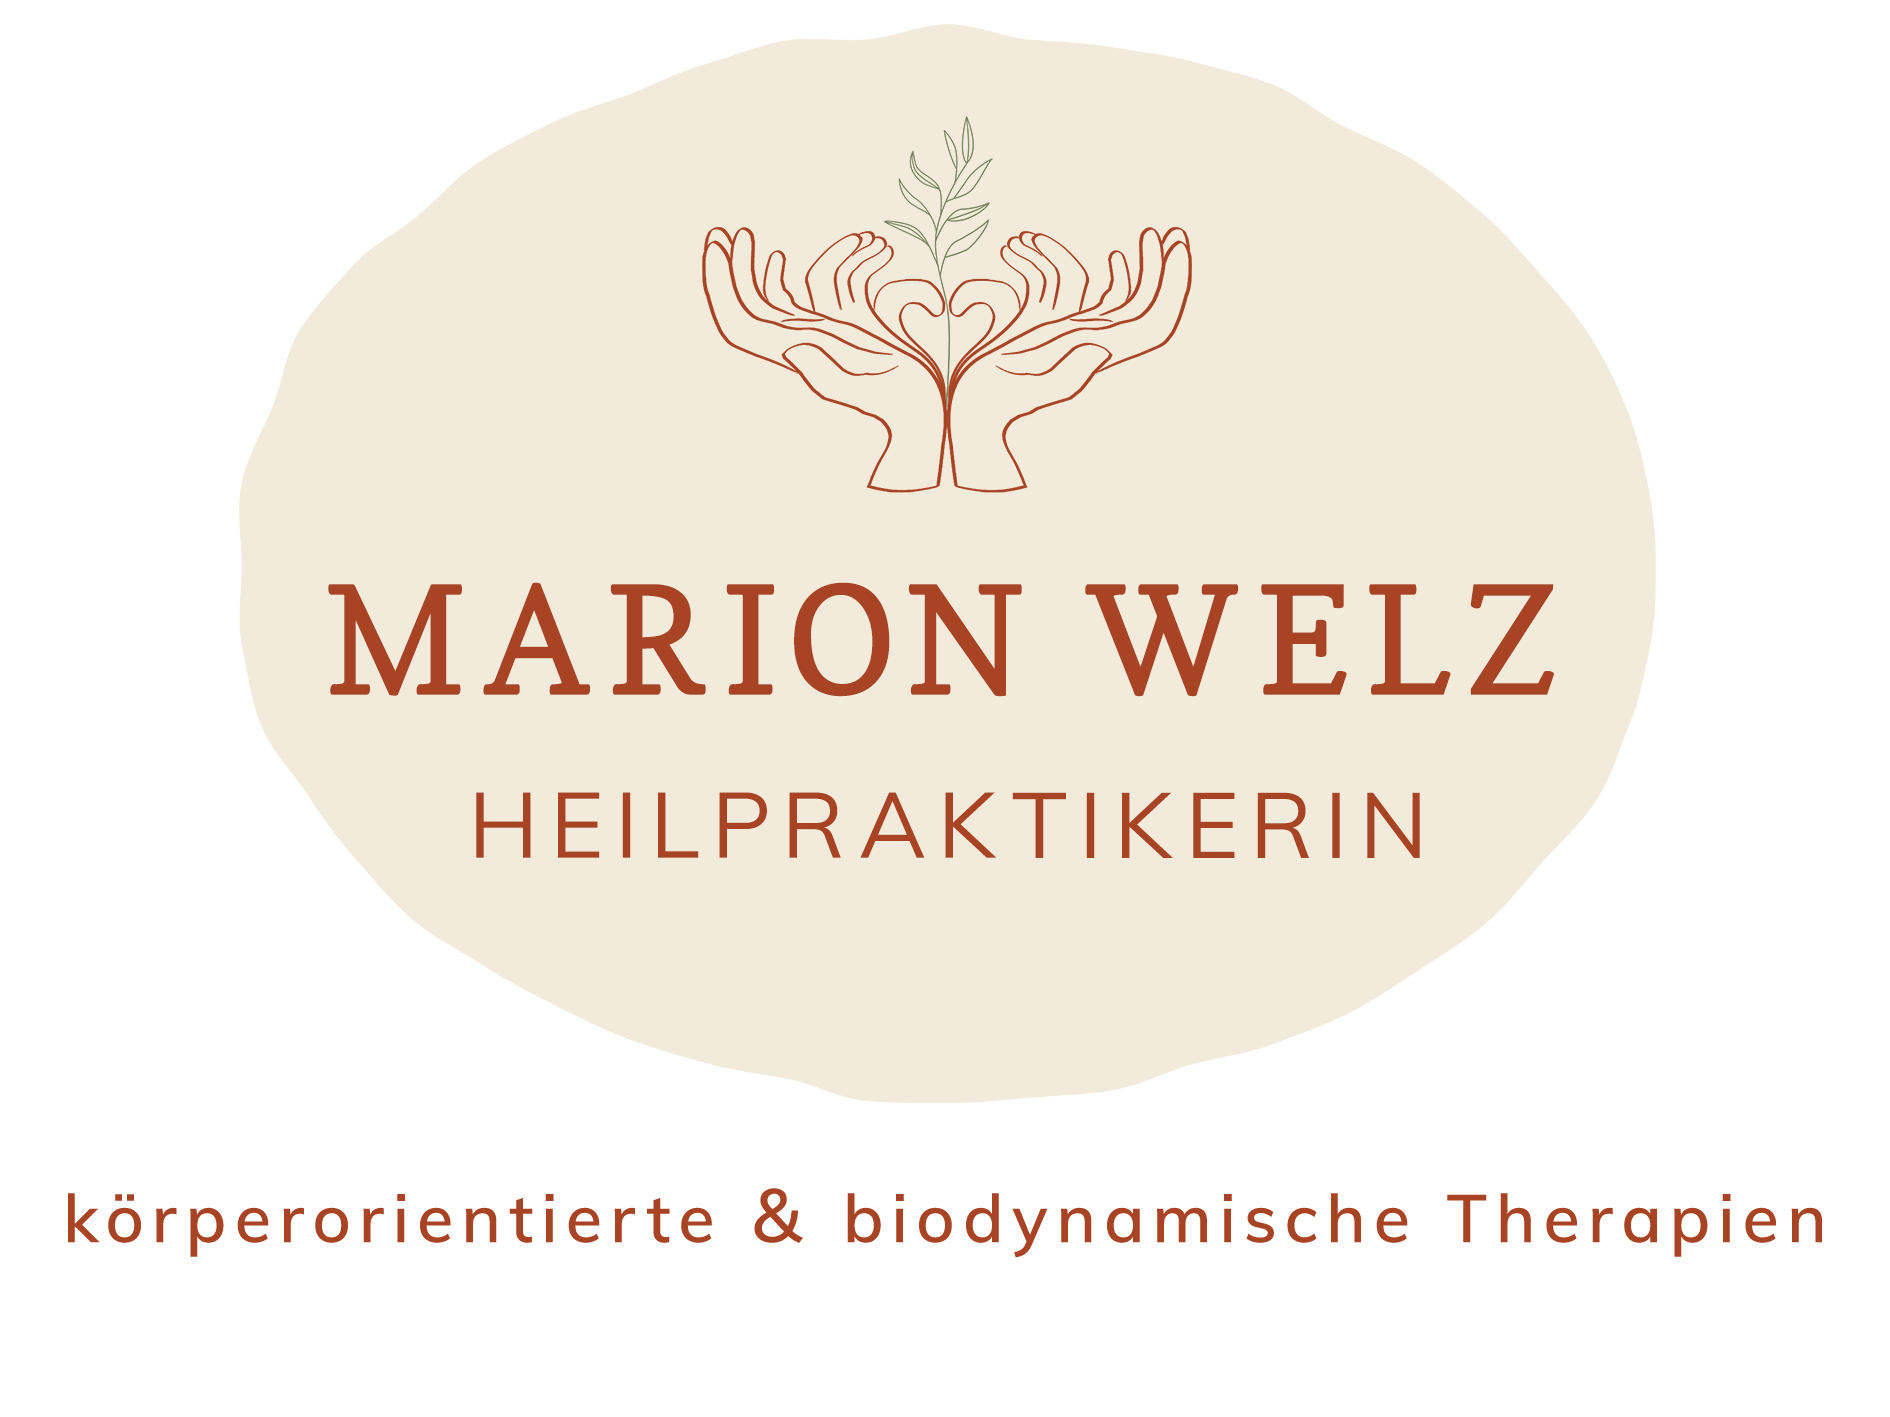 körperorientierte und biodynamische Therapien